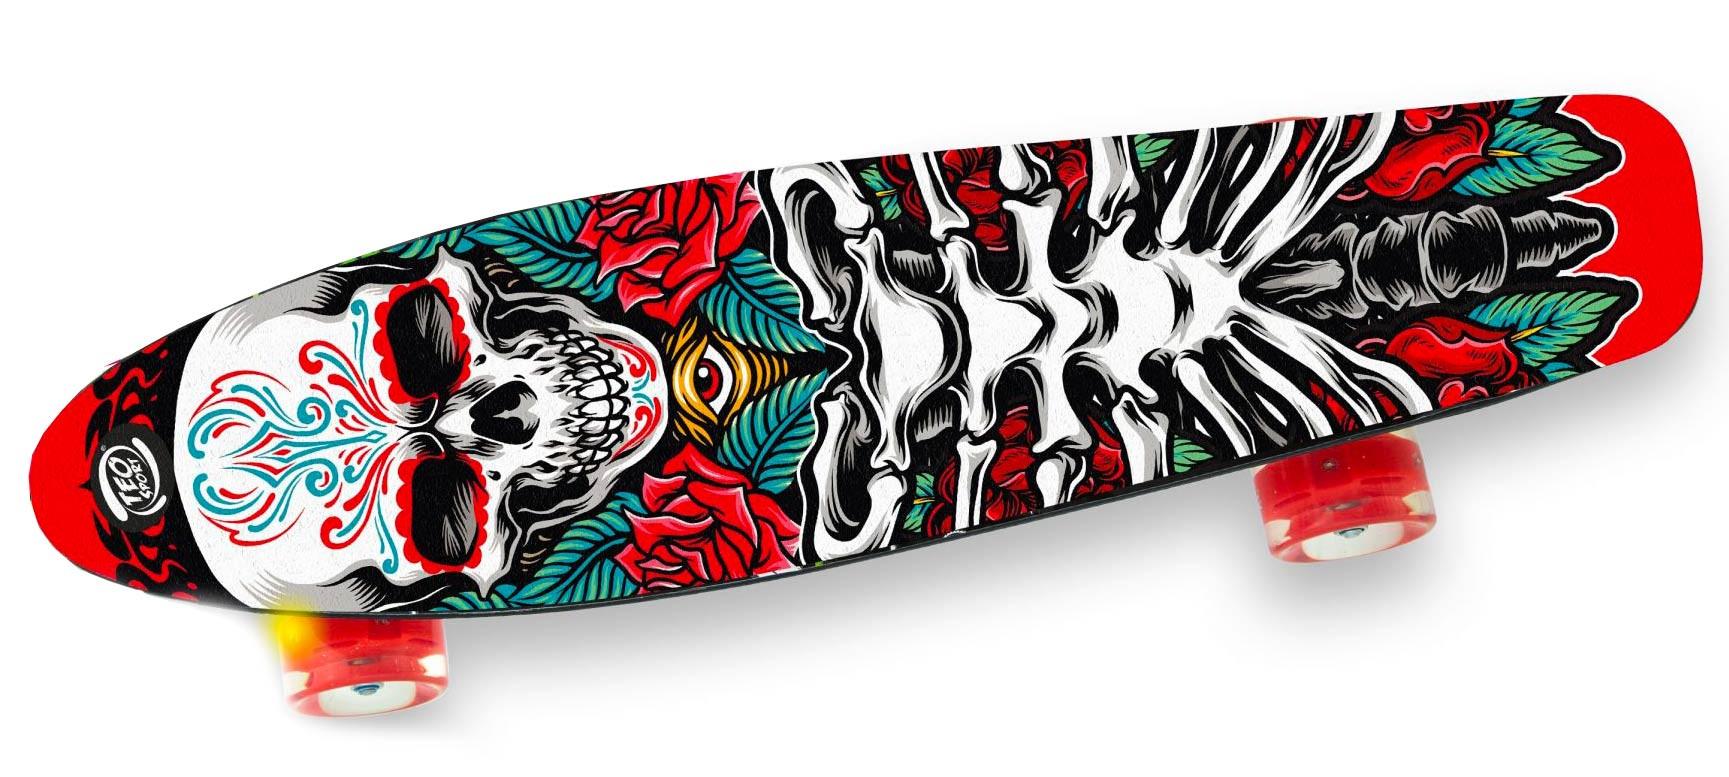 Skateboard Con Ruote Led - Teschio